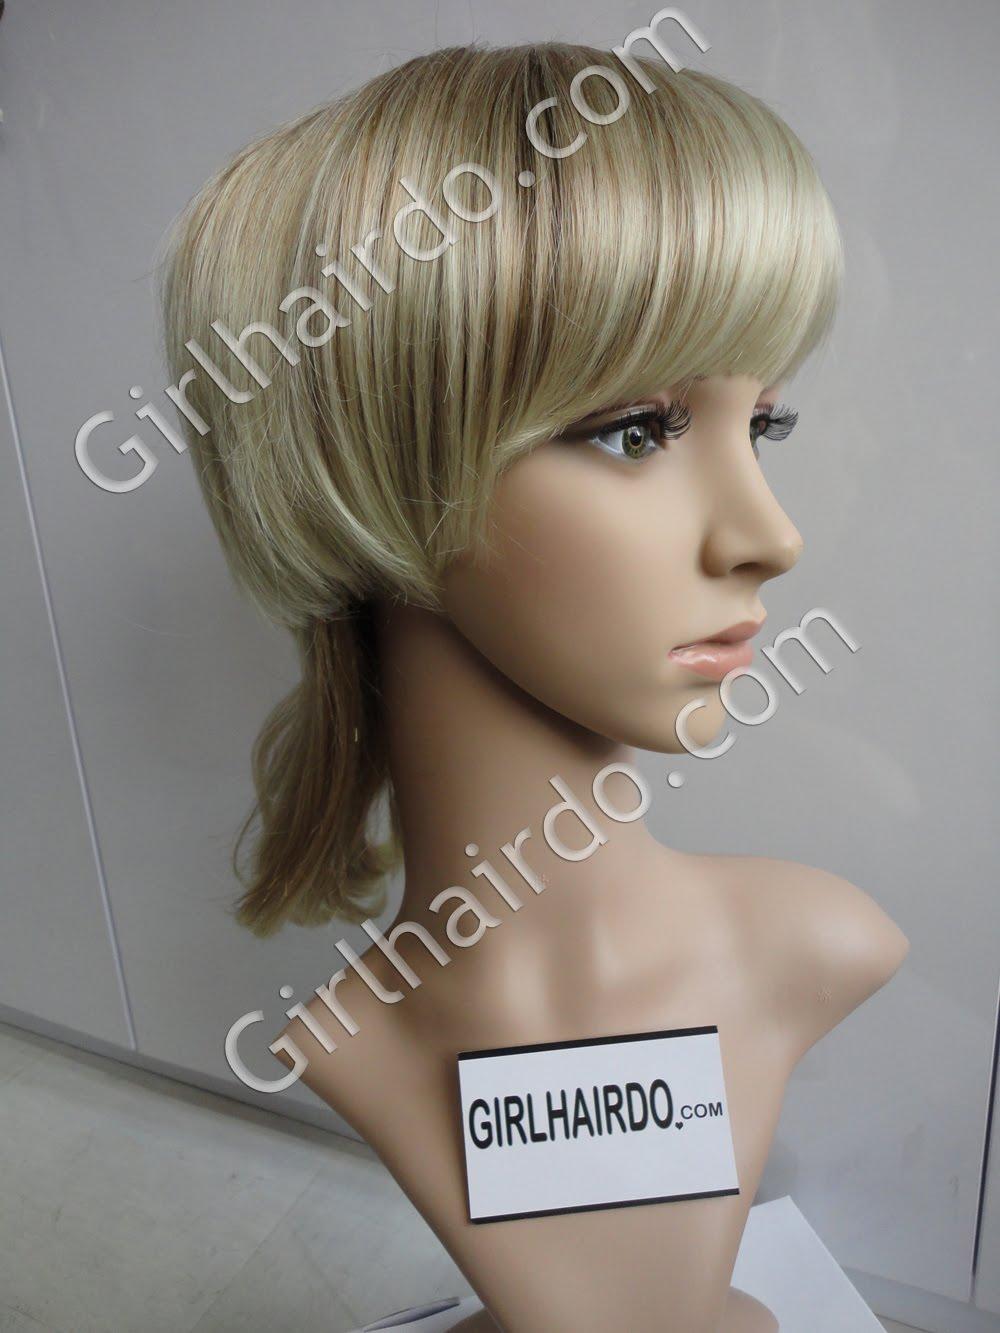 http://1.bp.blogspot.com/_L75C8J4IZqQ/TTbr-cS31xI/AAAAAAAAALo/qbbFyX3nZEg/s1600/DSC00828bob.jpg